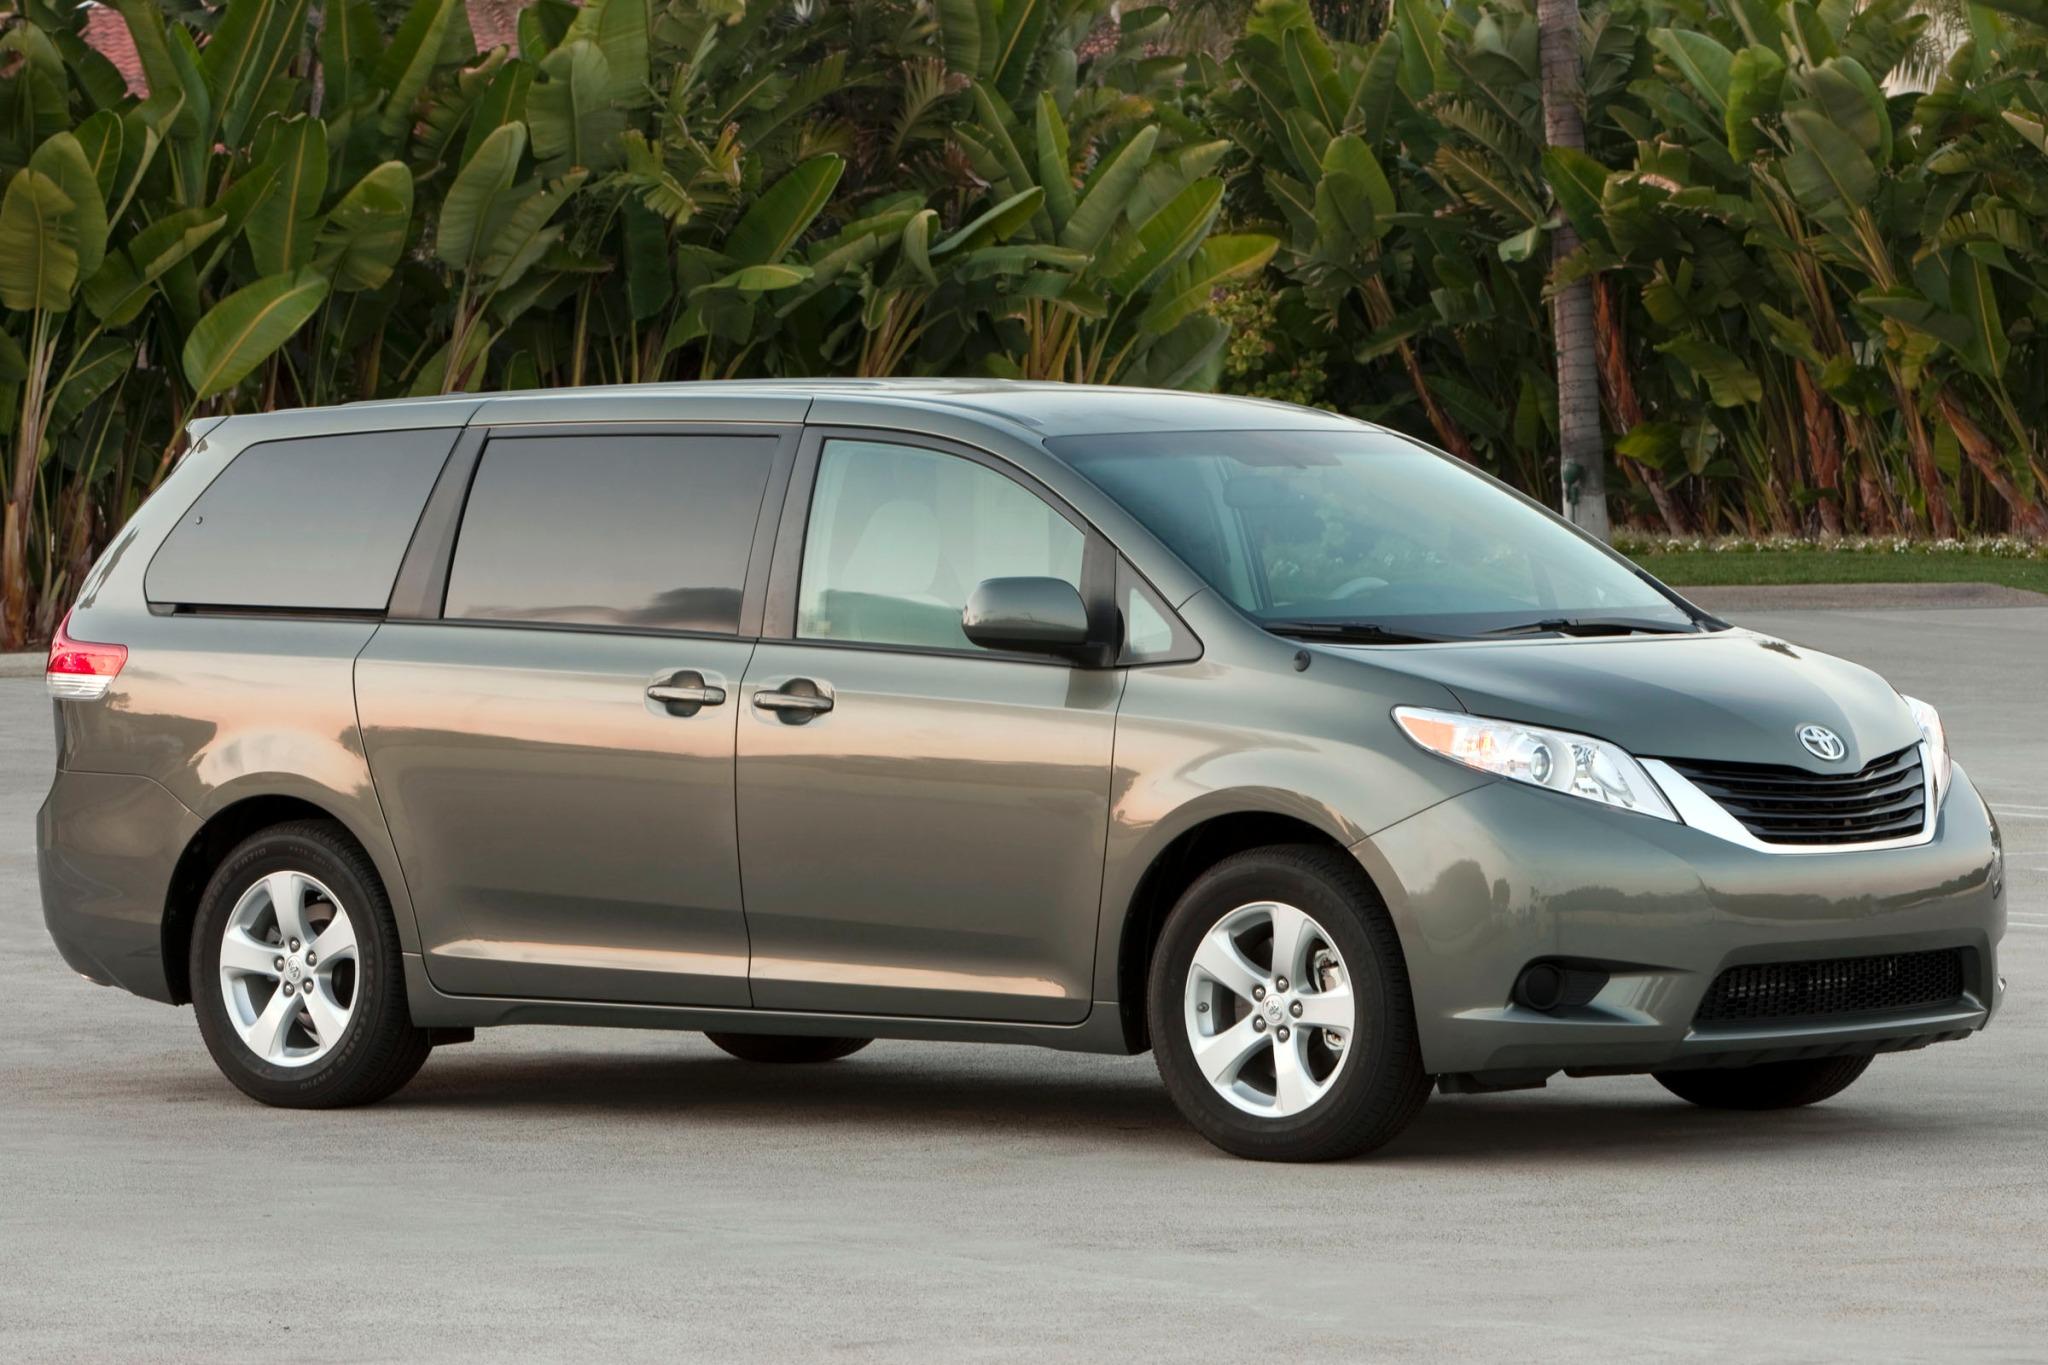 2014 toyota sienna passenger minivan le 8 passenger fq oem 1 2048